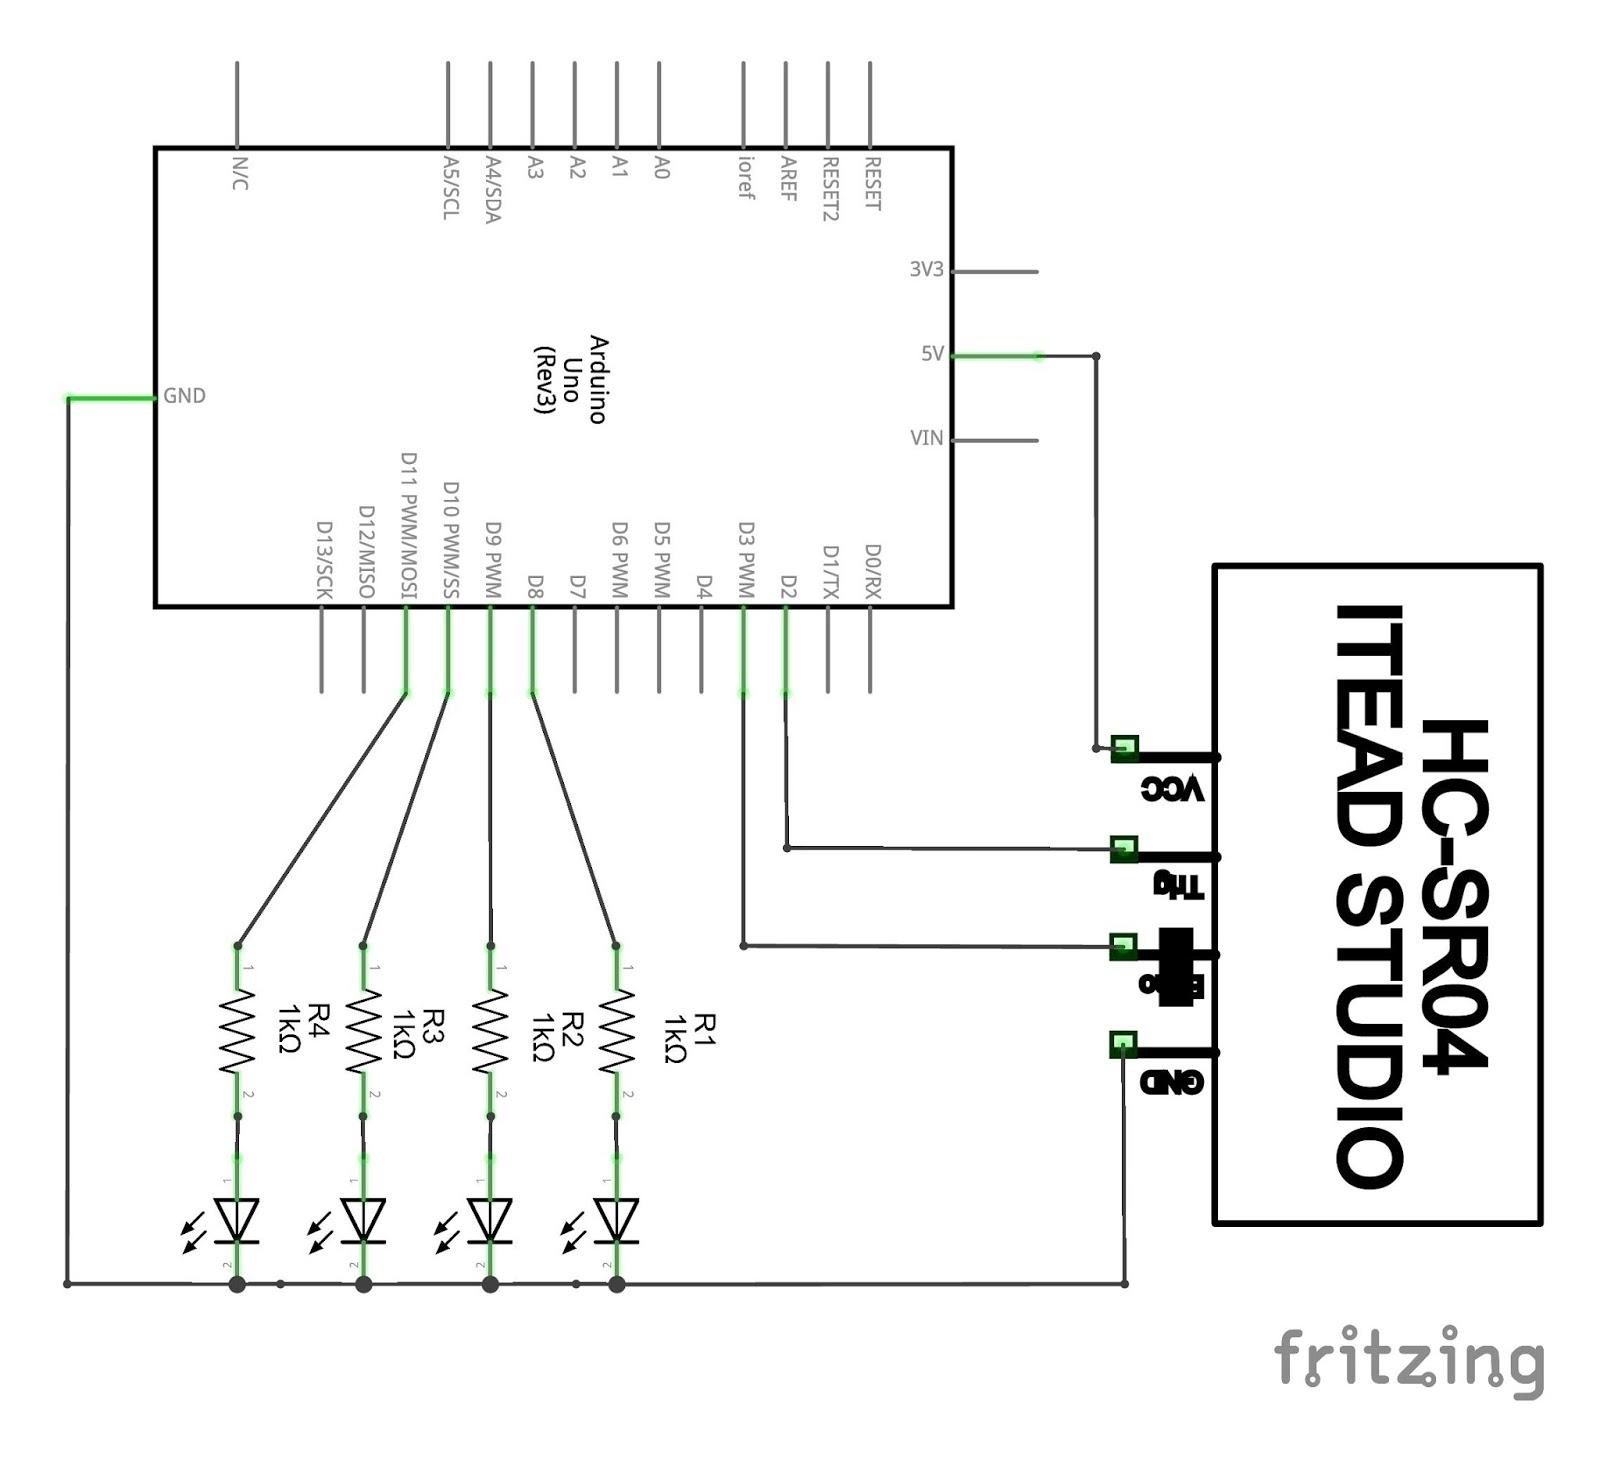 Liquid Level Control Wiring Diagram